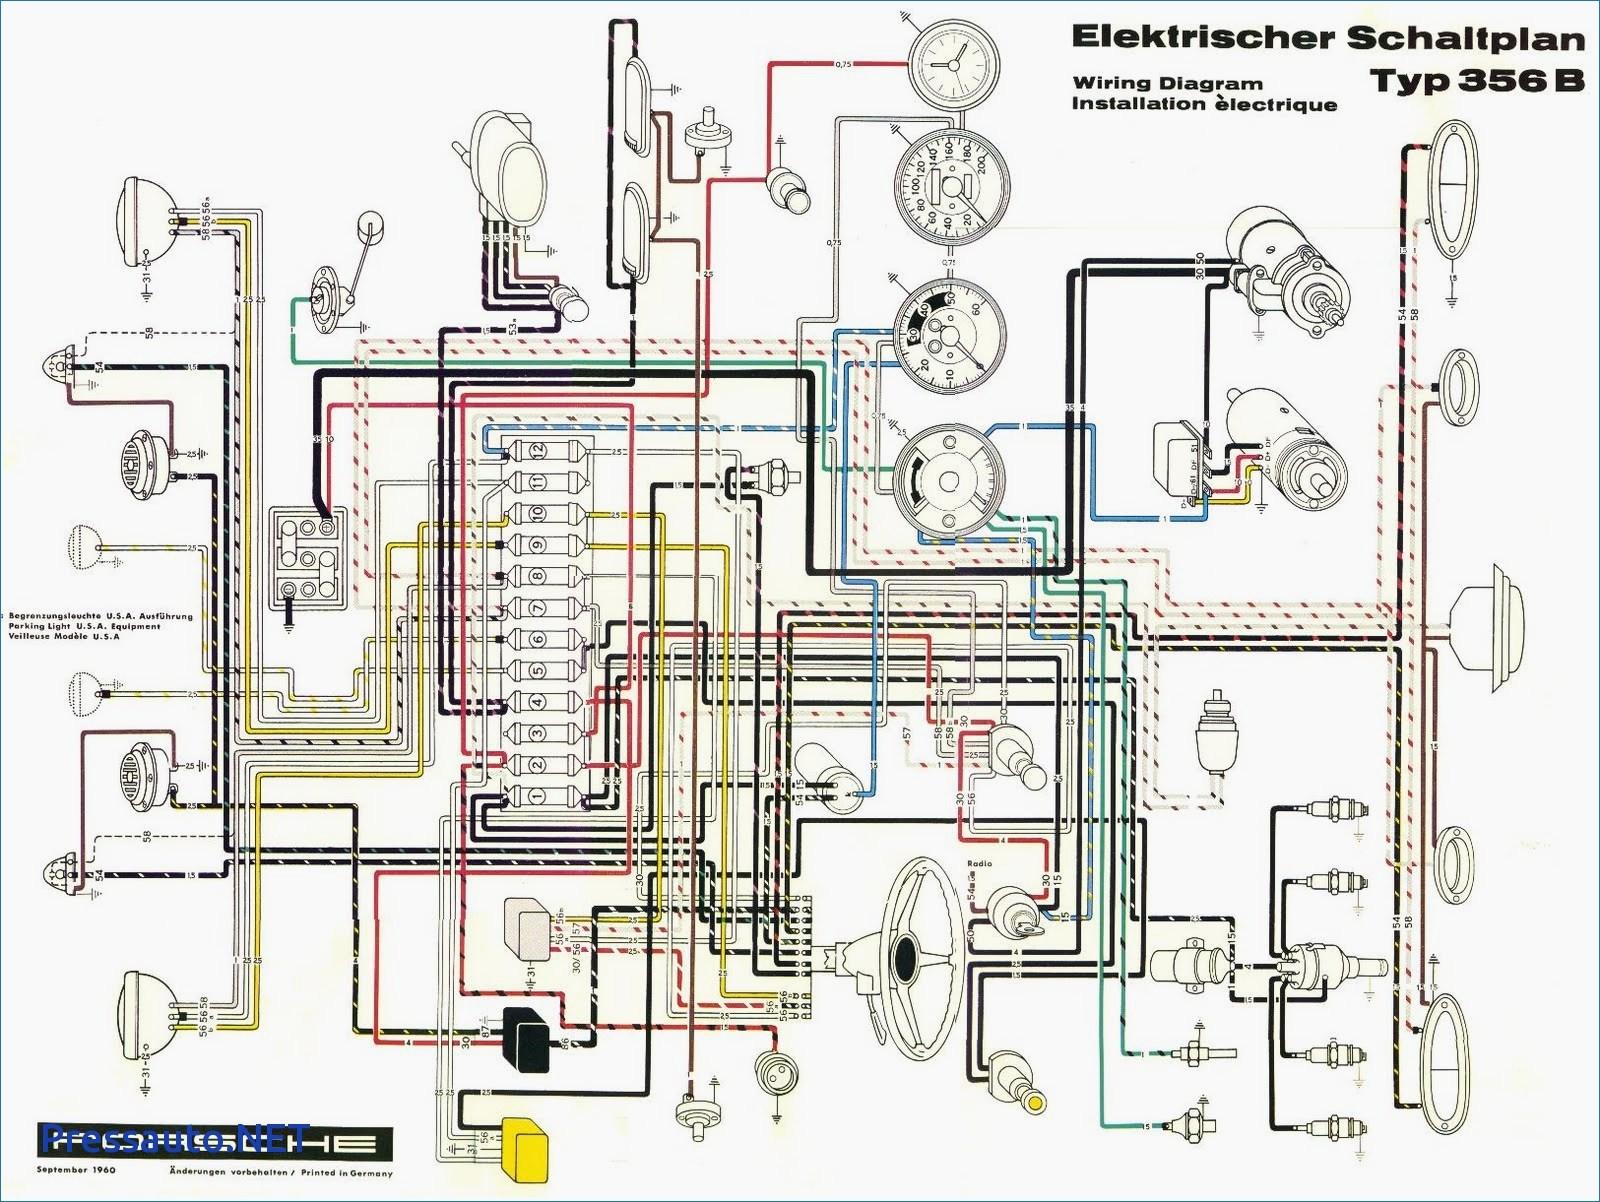 Yamaha Golf Cart Wiring Diagram 2Gf | Wiring Diagram - Yamaha Golf Cart Wiring Diagram